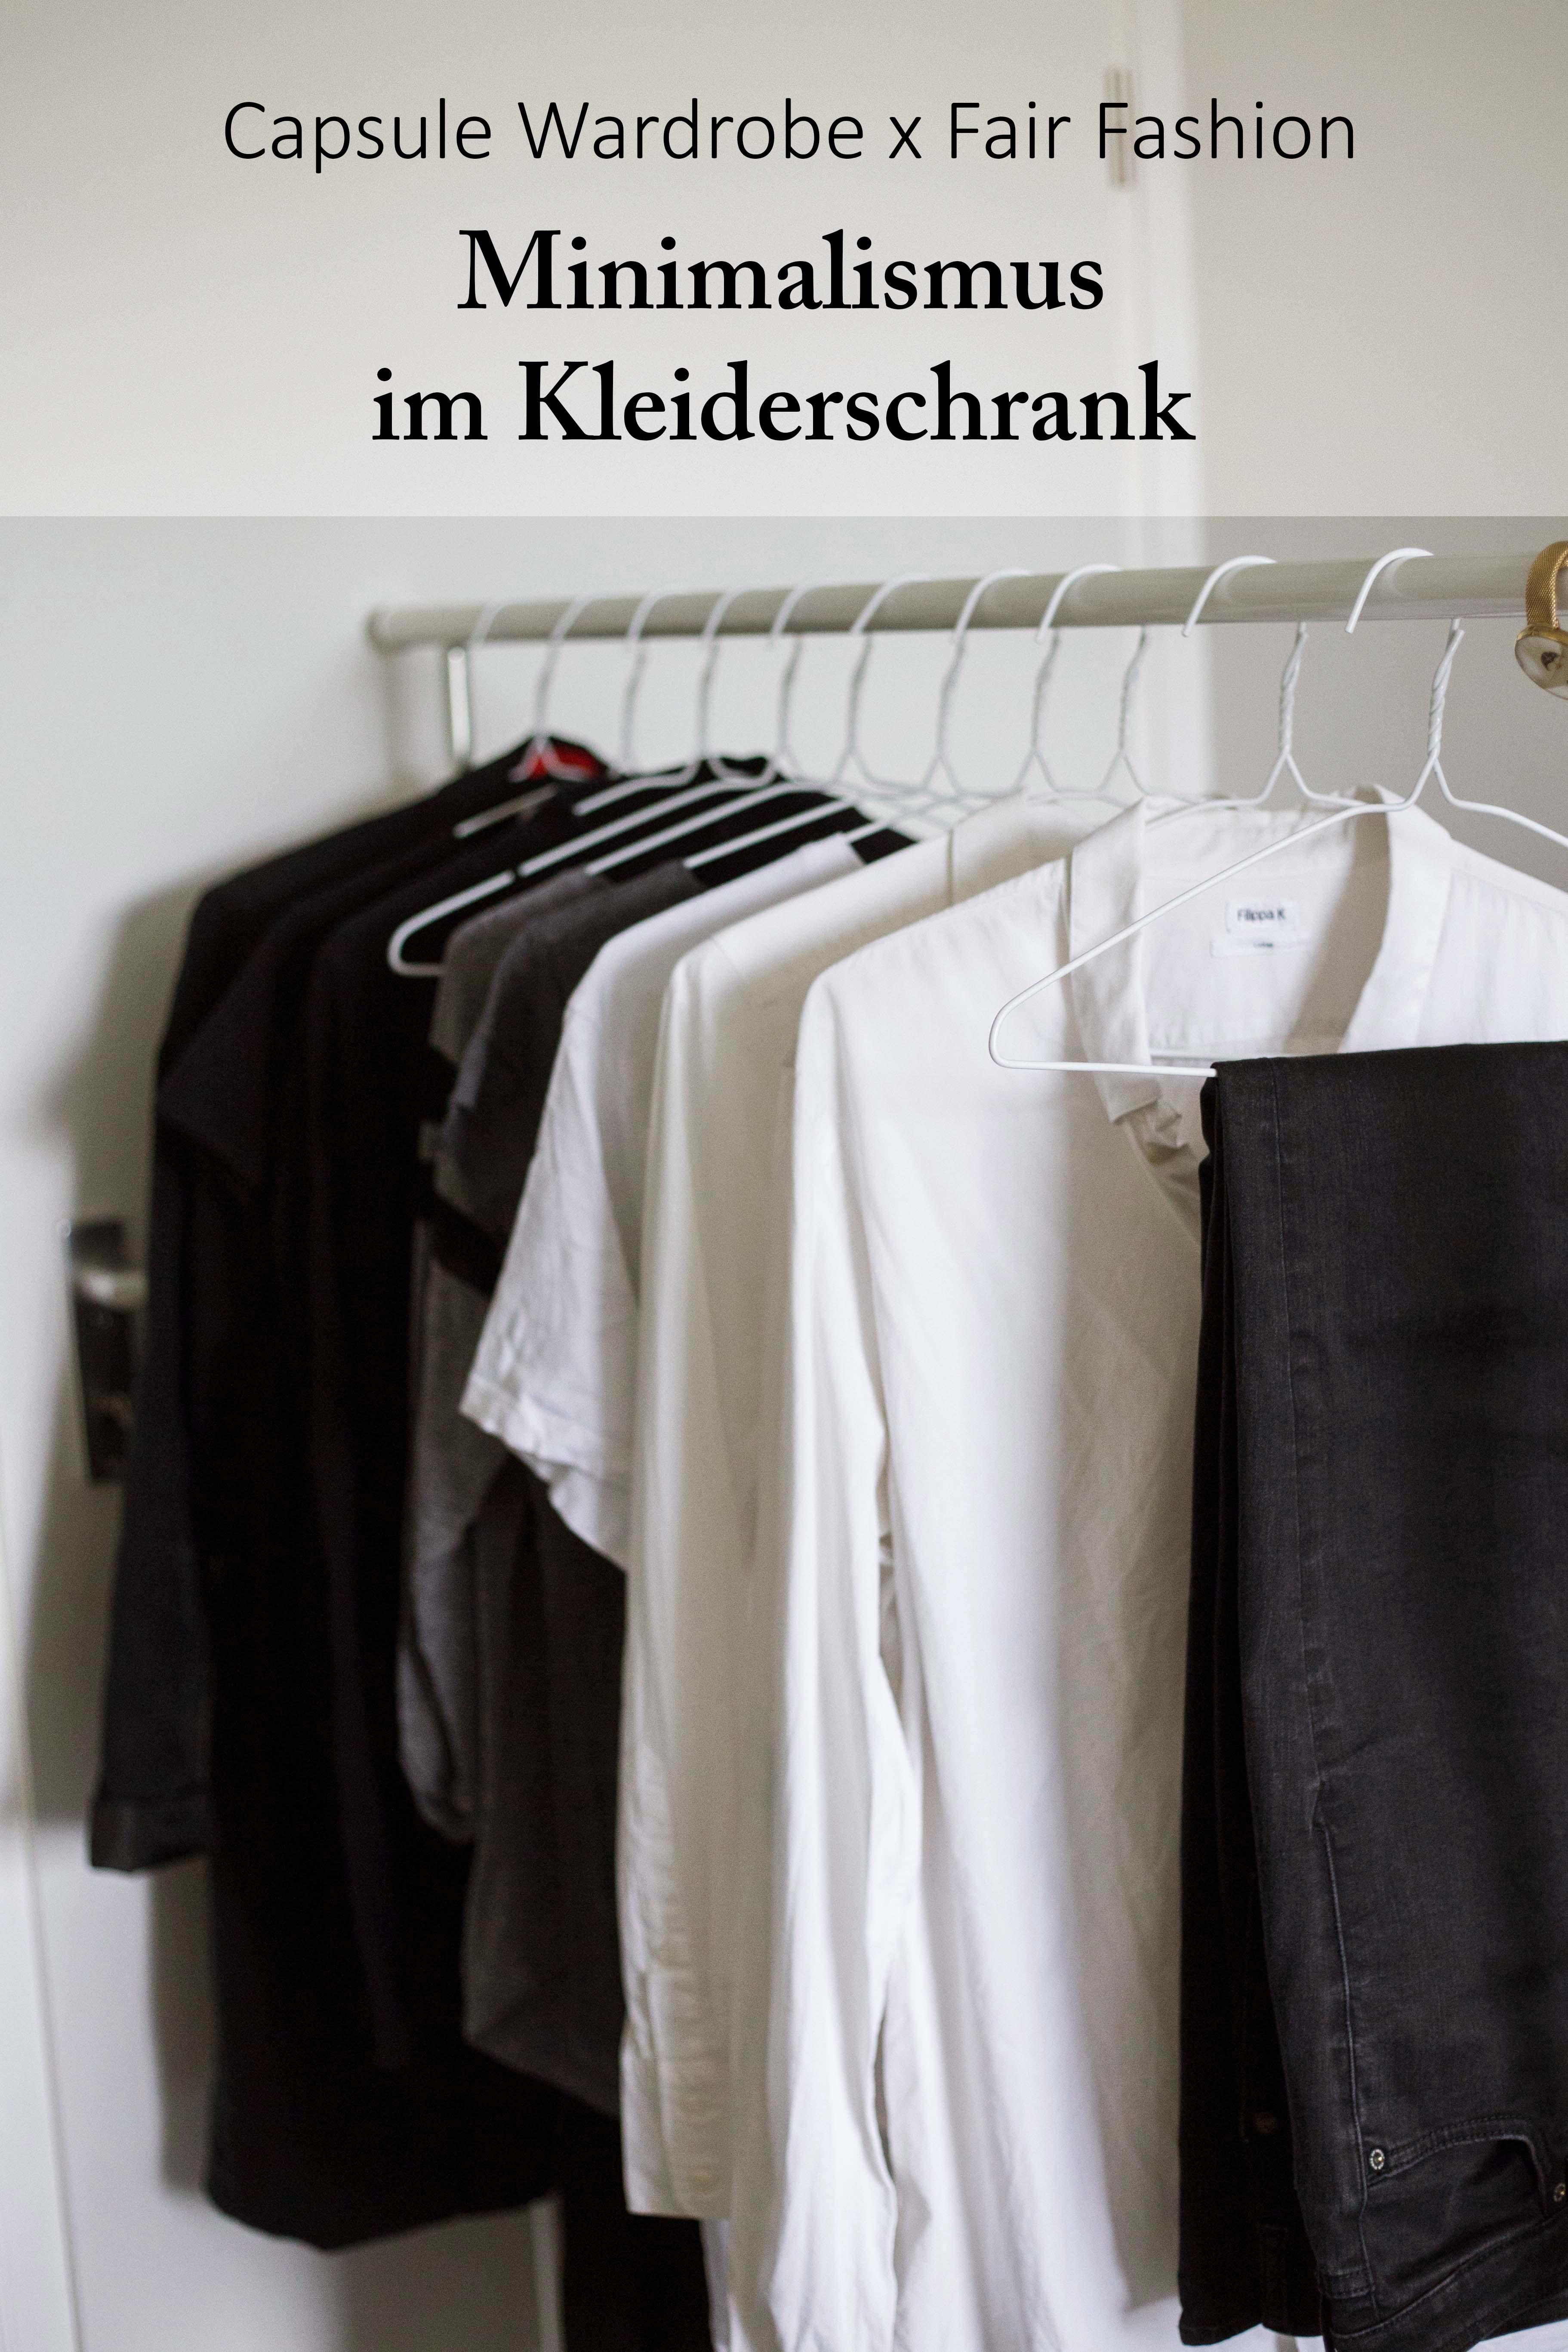 Minimalismus im kleiderschrank capsule wardrobe x fair for Minimalismus blog kleidung